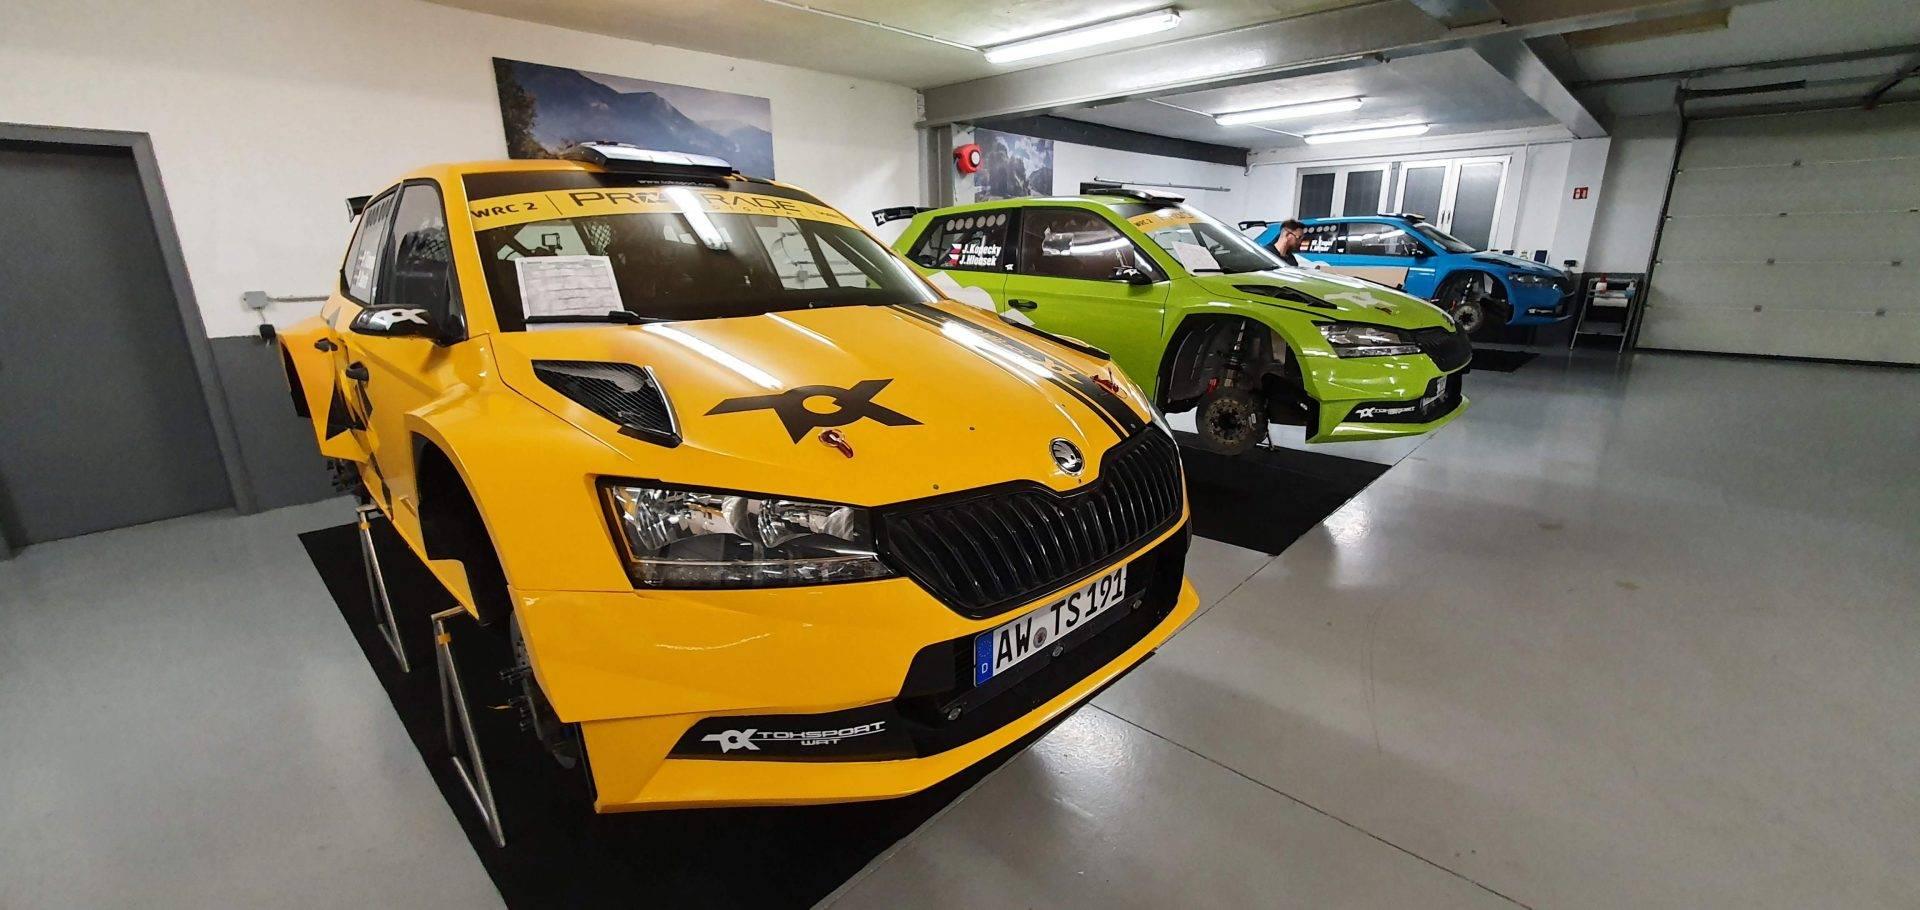 Skoda Fabia WRC TOKSPORT Komplettfolierung mit Decals